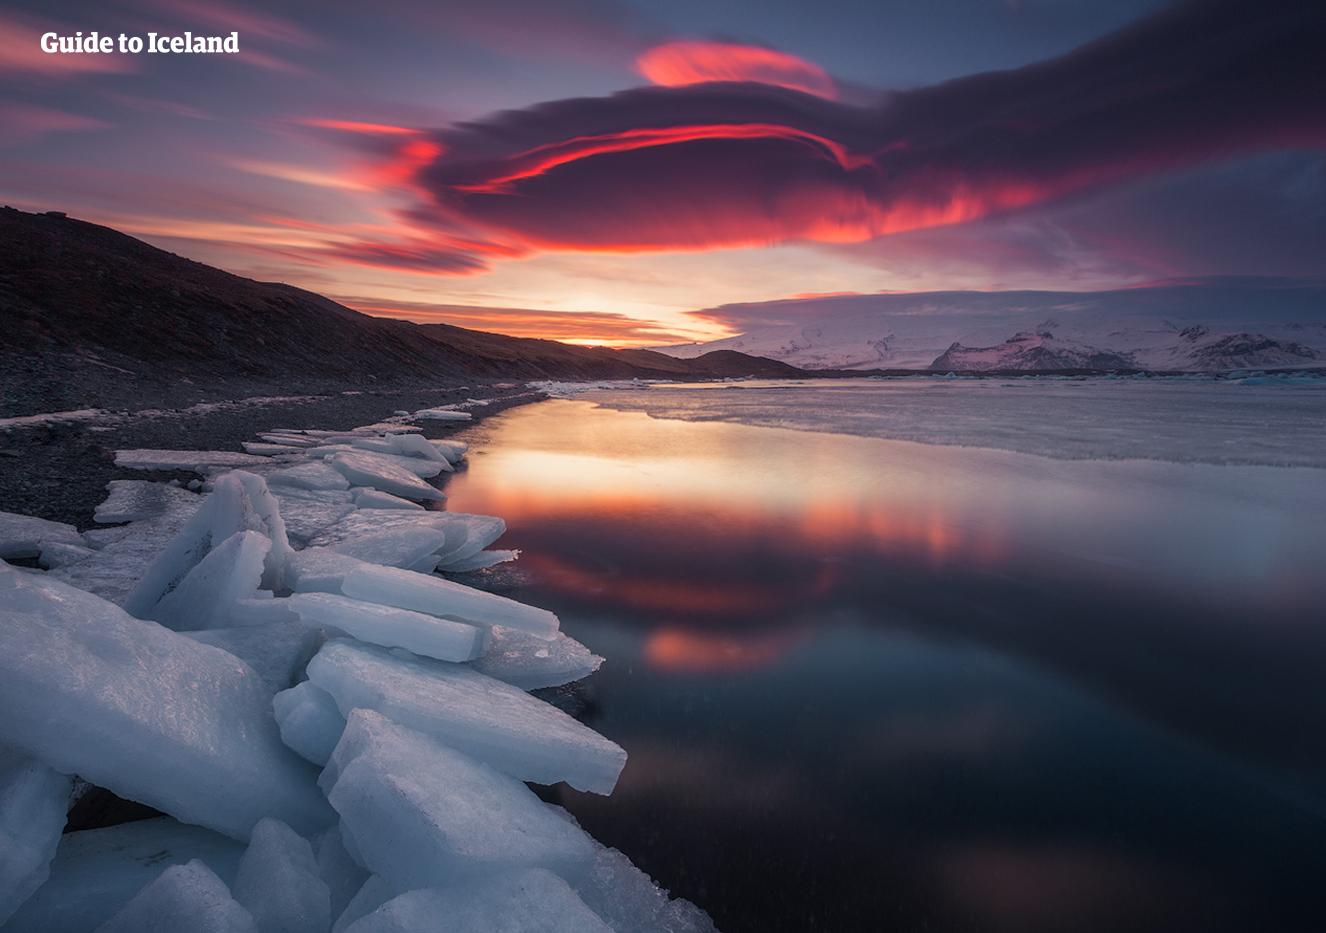 Den røde kveldshimmelen gjenspeilet i den rolige bresjøen Jökulsárlón.